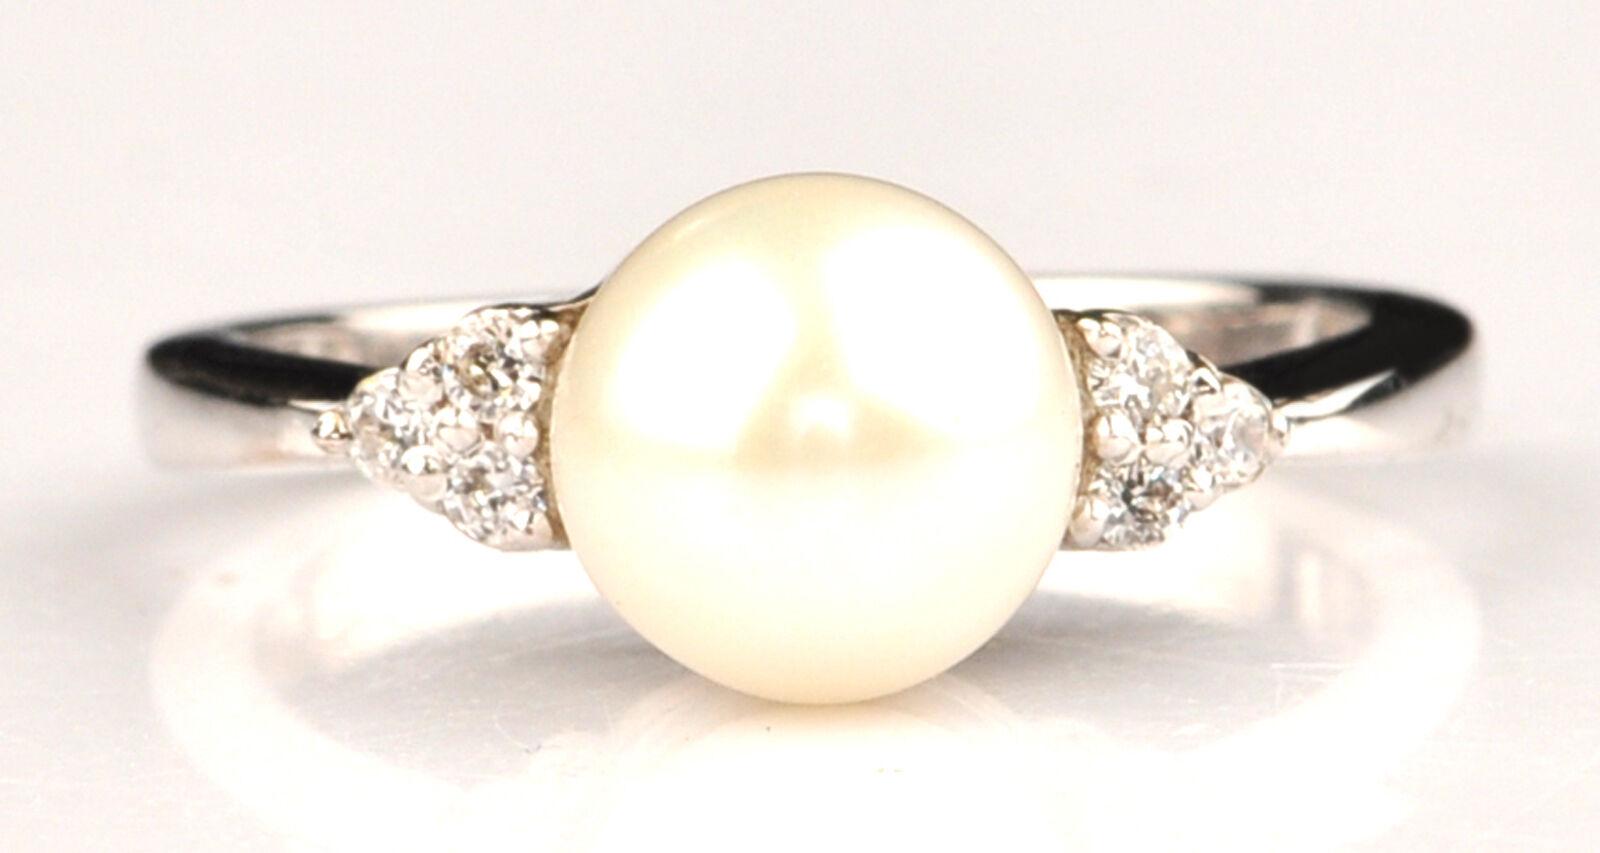 2.87 Carat 14KT White gold Natural Freshwater Pearl IGI Certified Diamond Ring